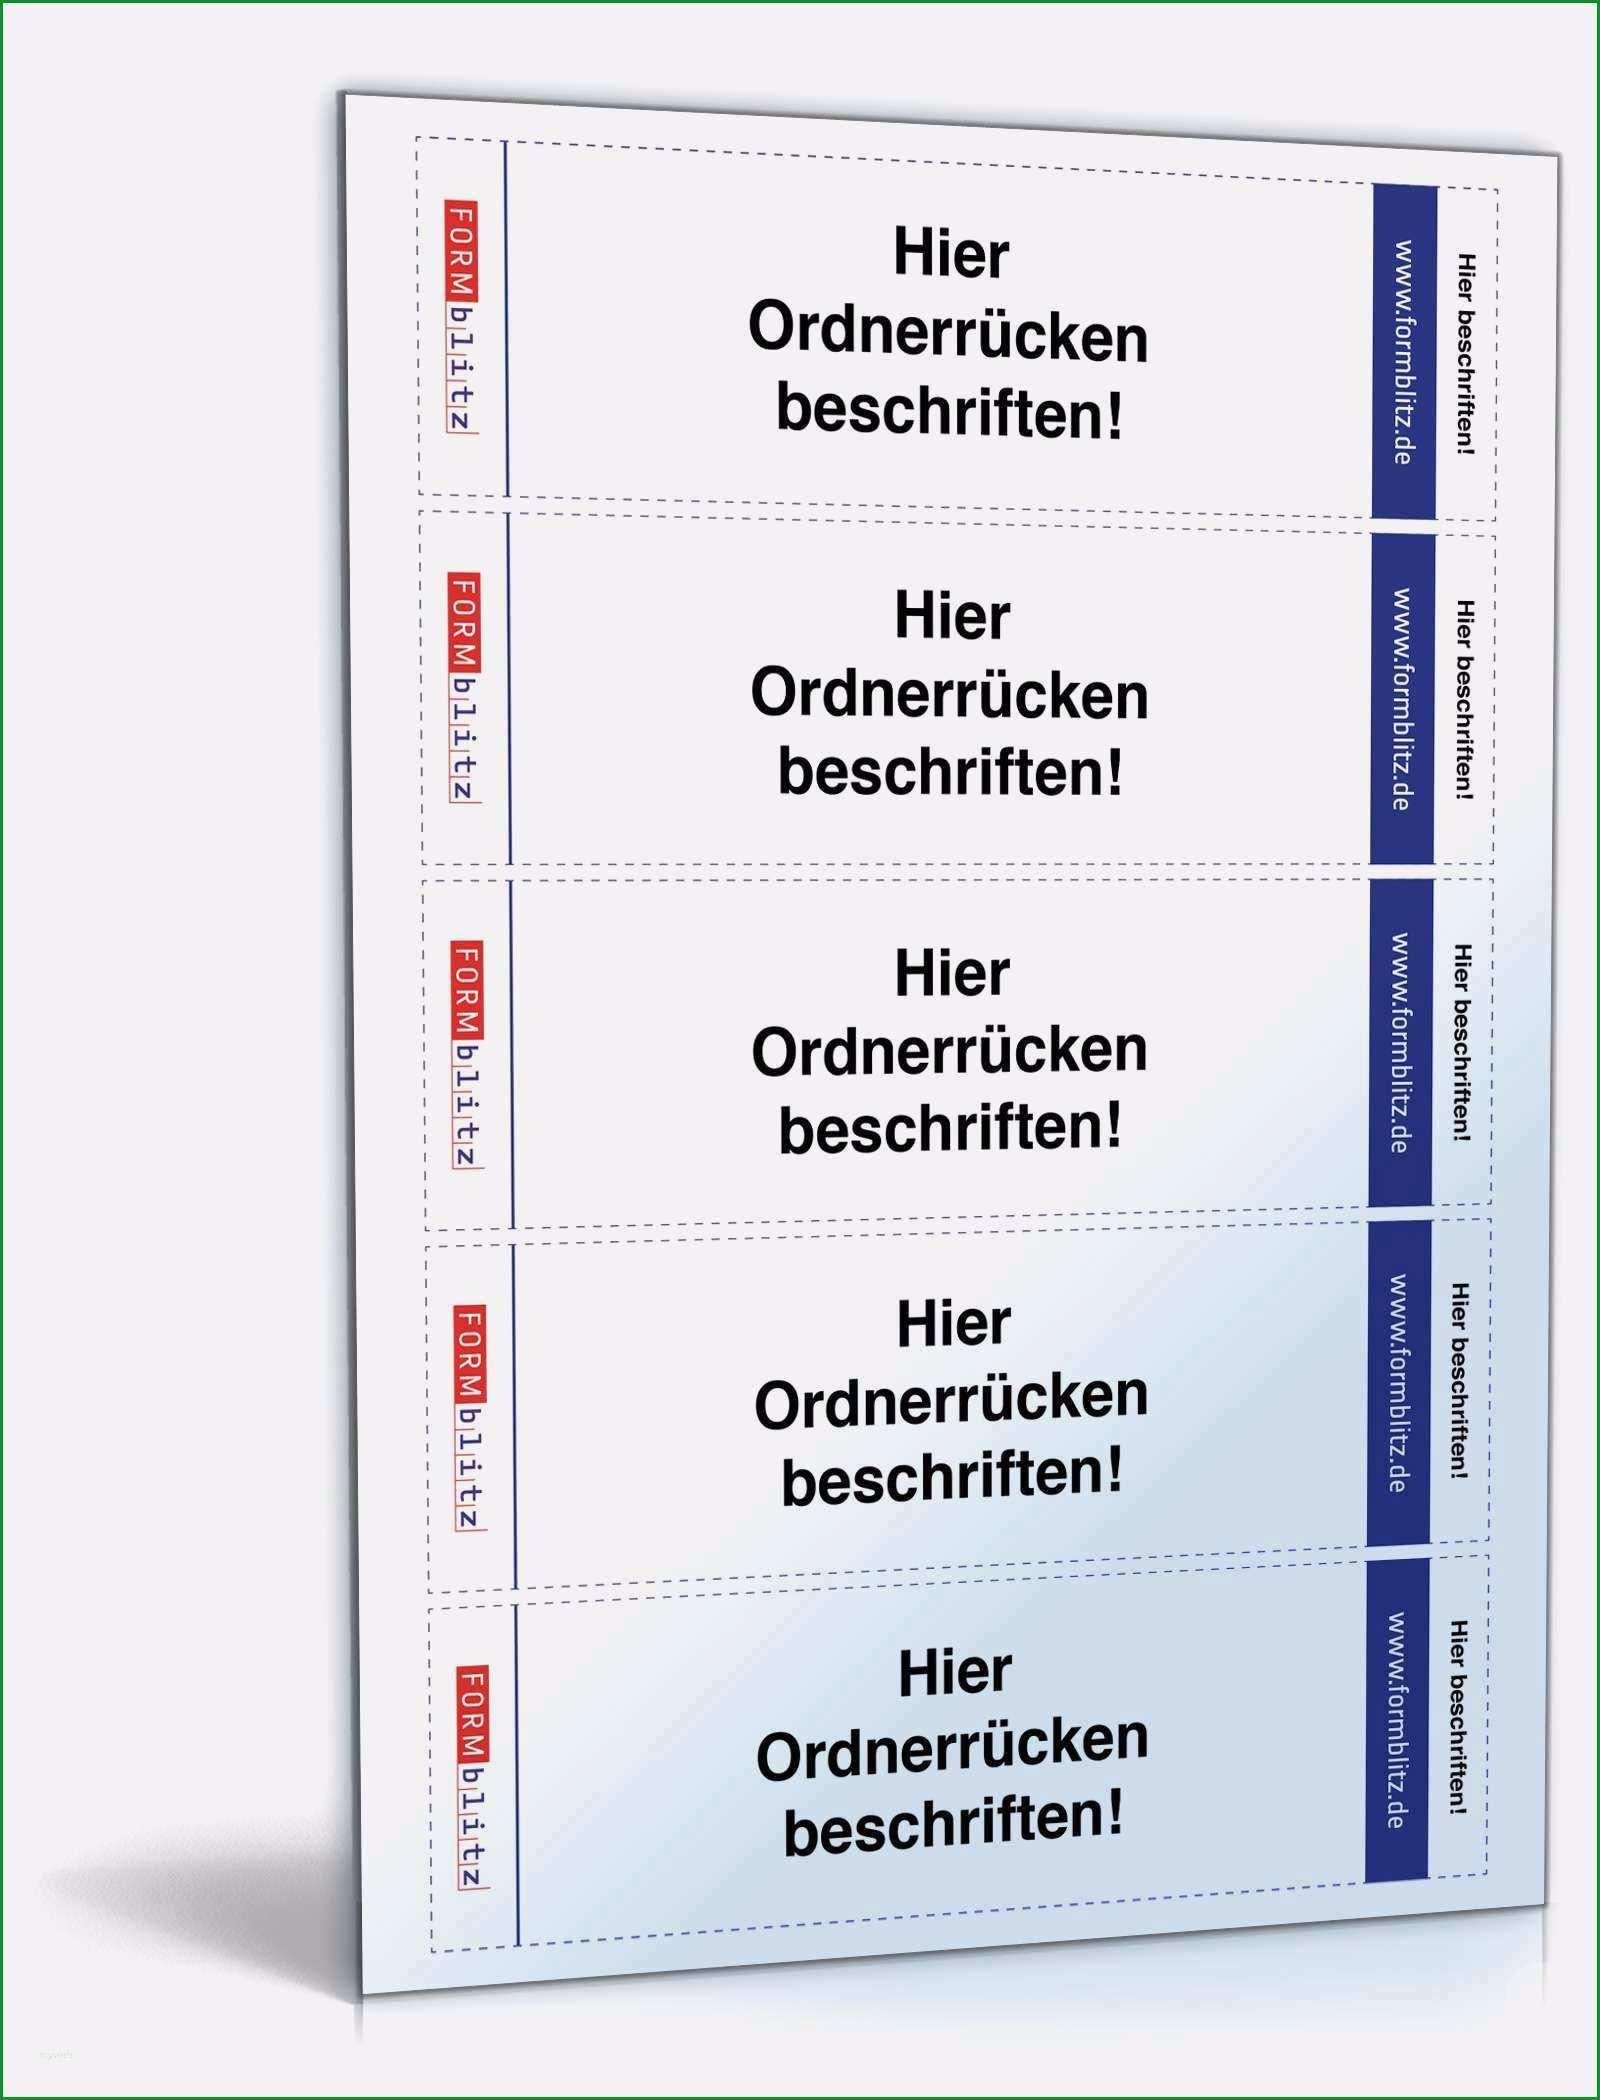 ordnerrucken vorlage word 2010 luxus ordnerrucken fur leitz ordner hochformat 5 3 x 18 8